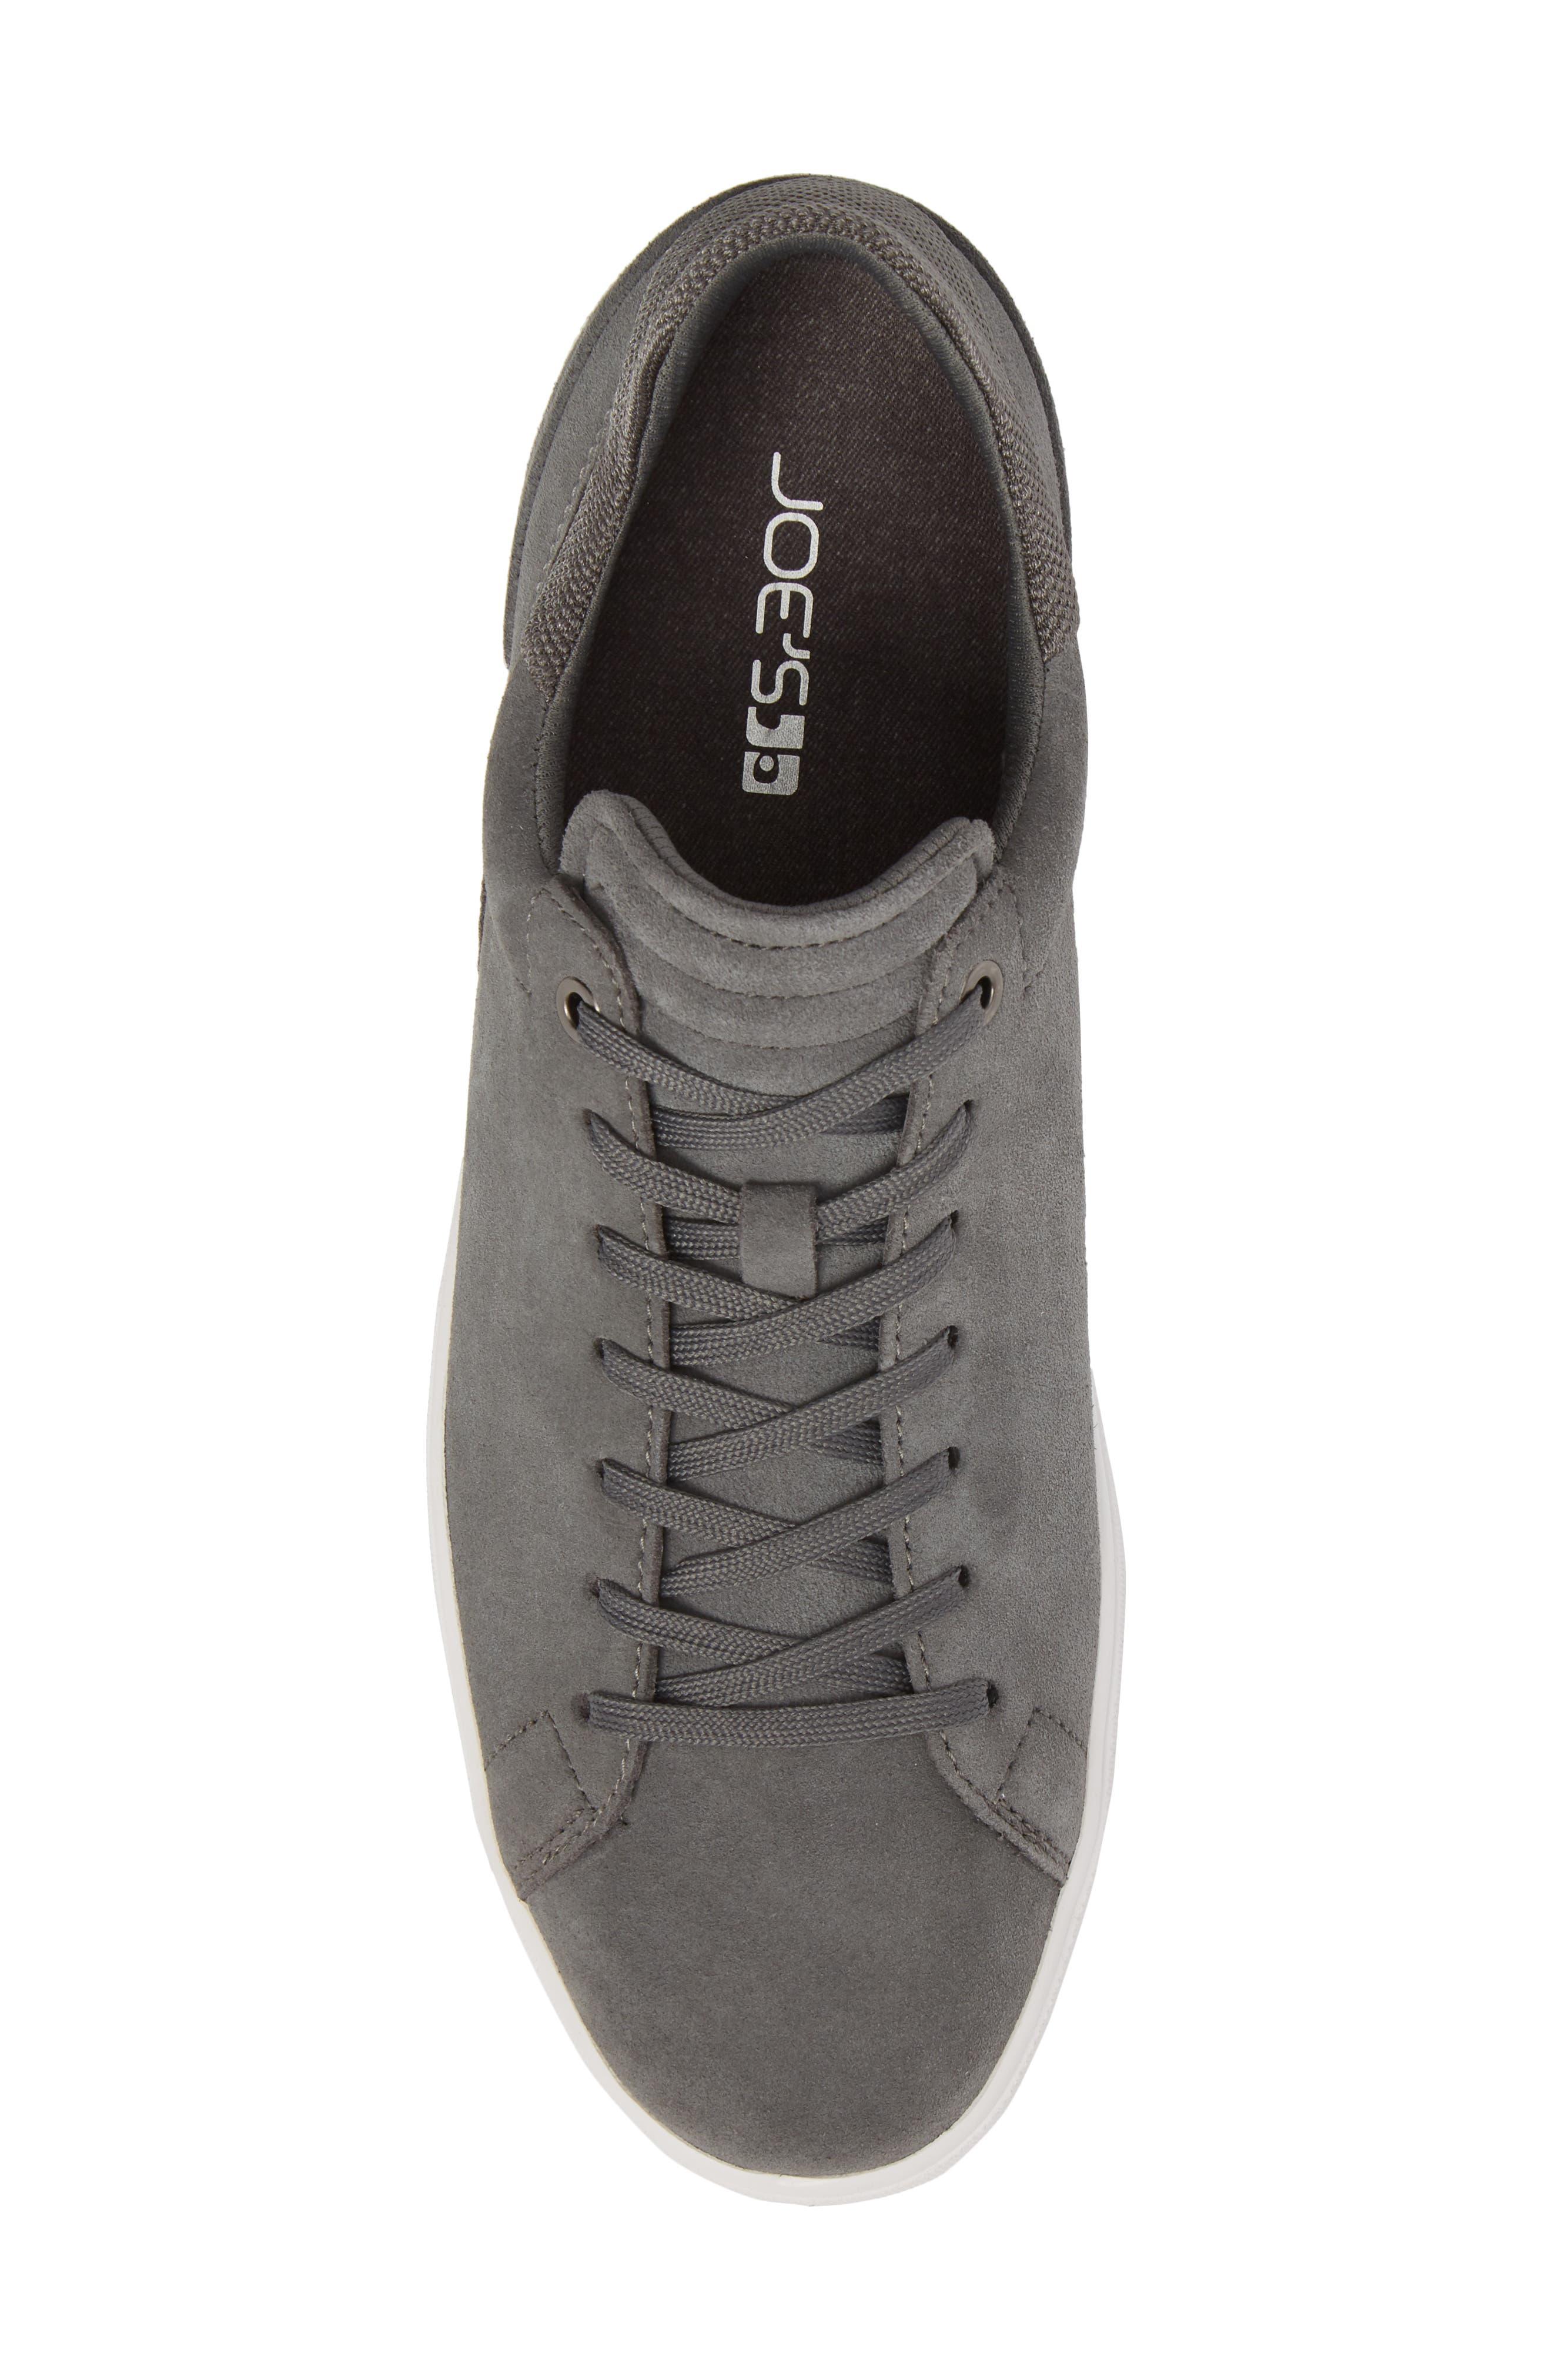 Joe Mama Low Top Sneaker,                             Alternate thumbnail 5, color,                             Grey Suede